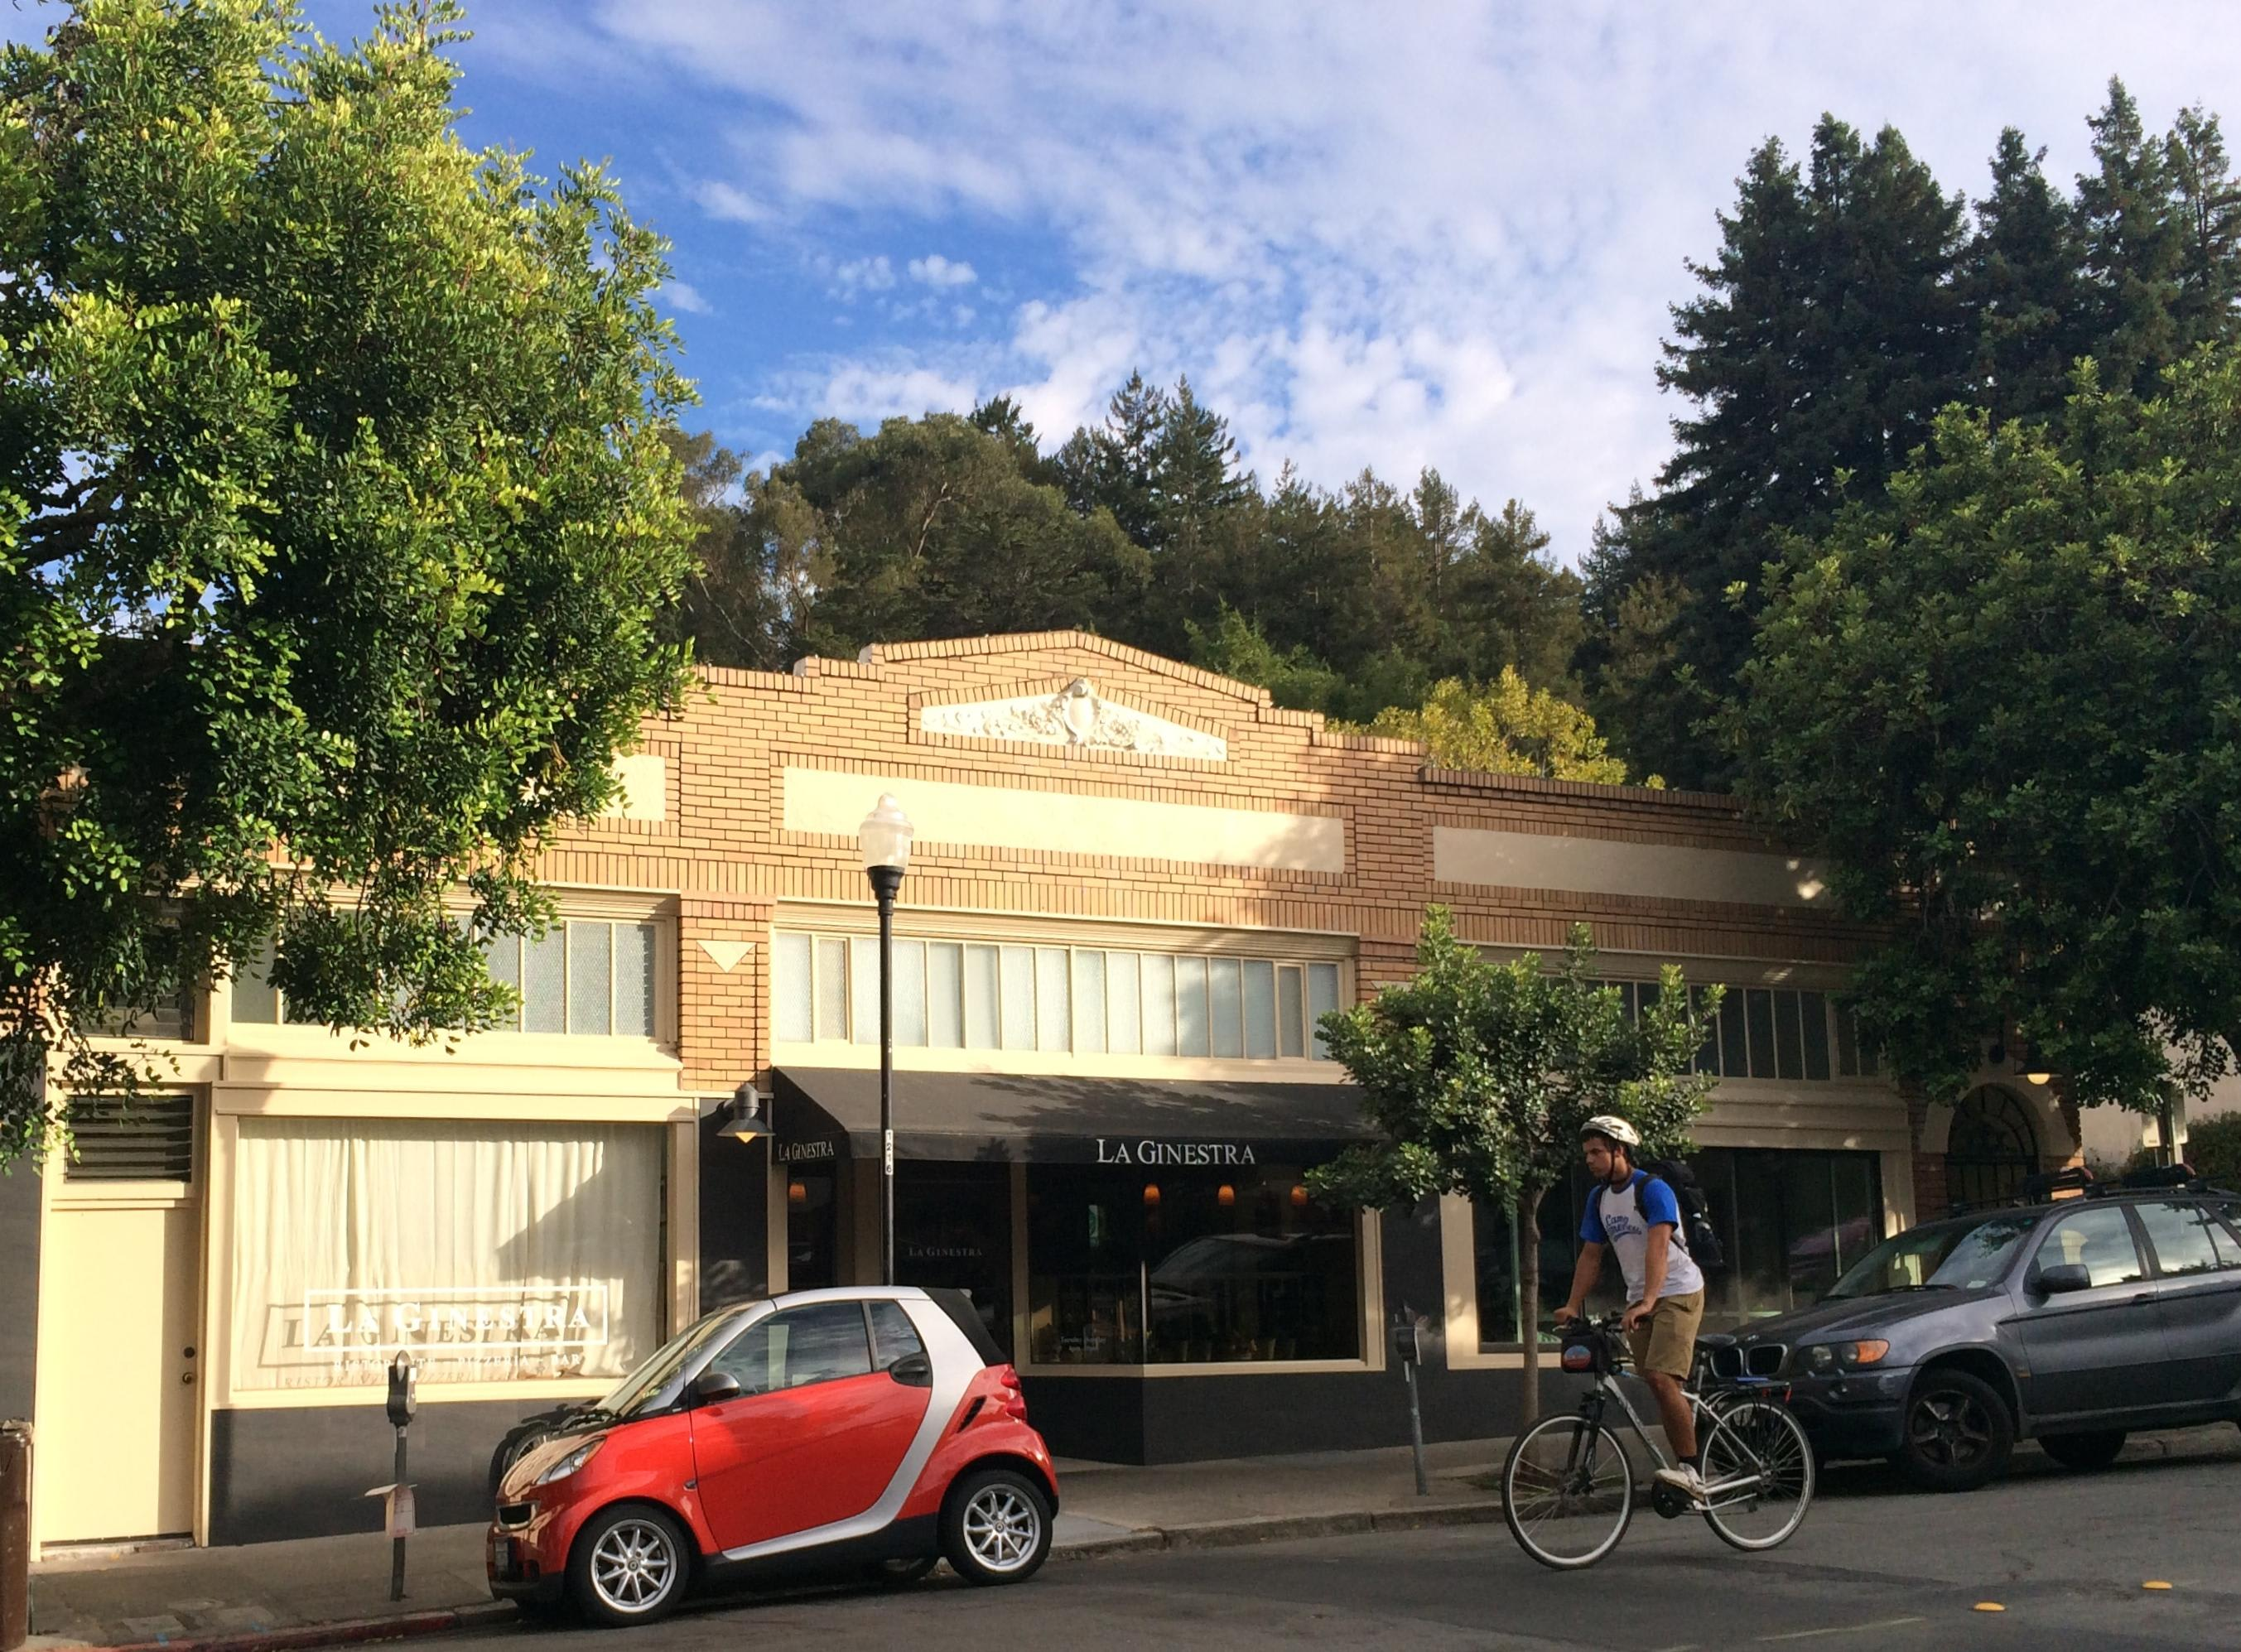 Photo at La Ginestra